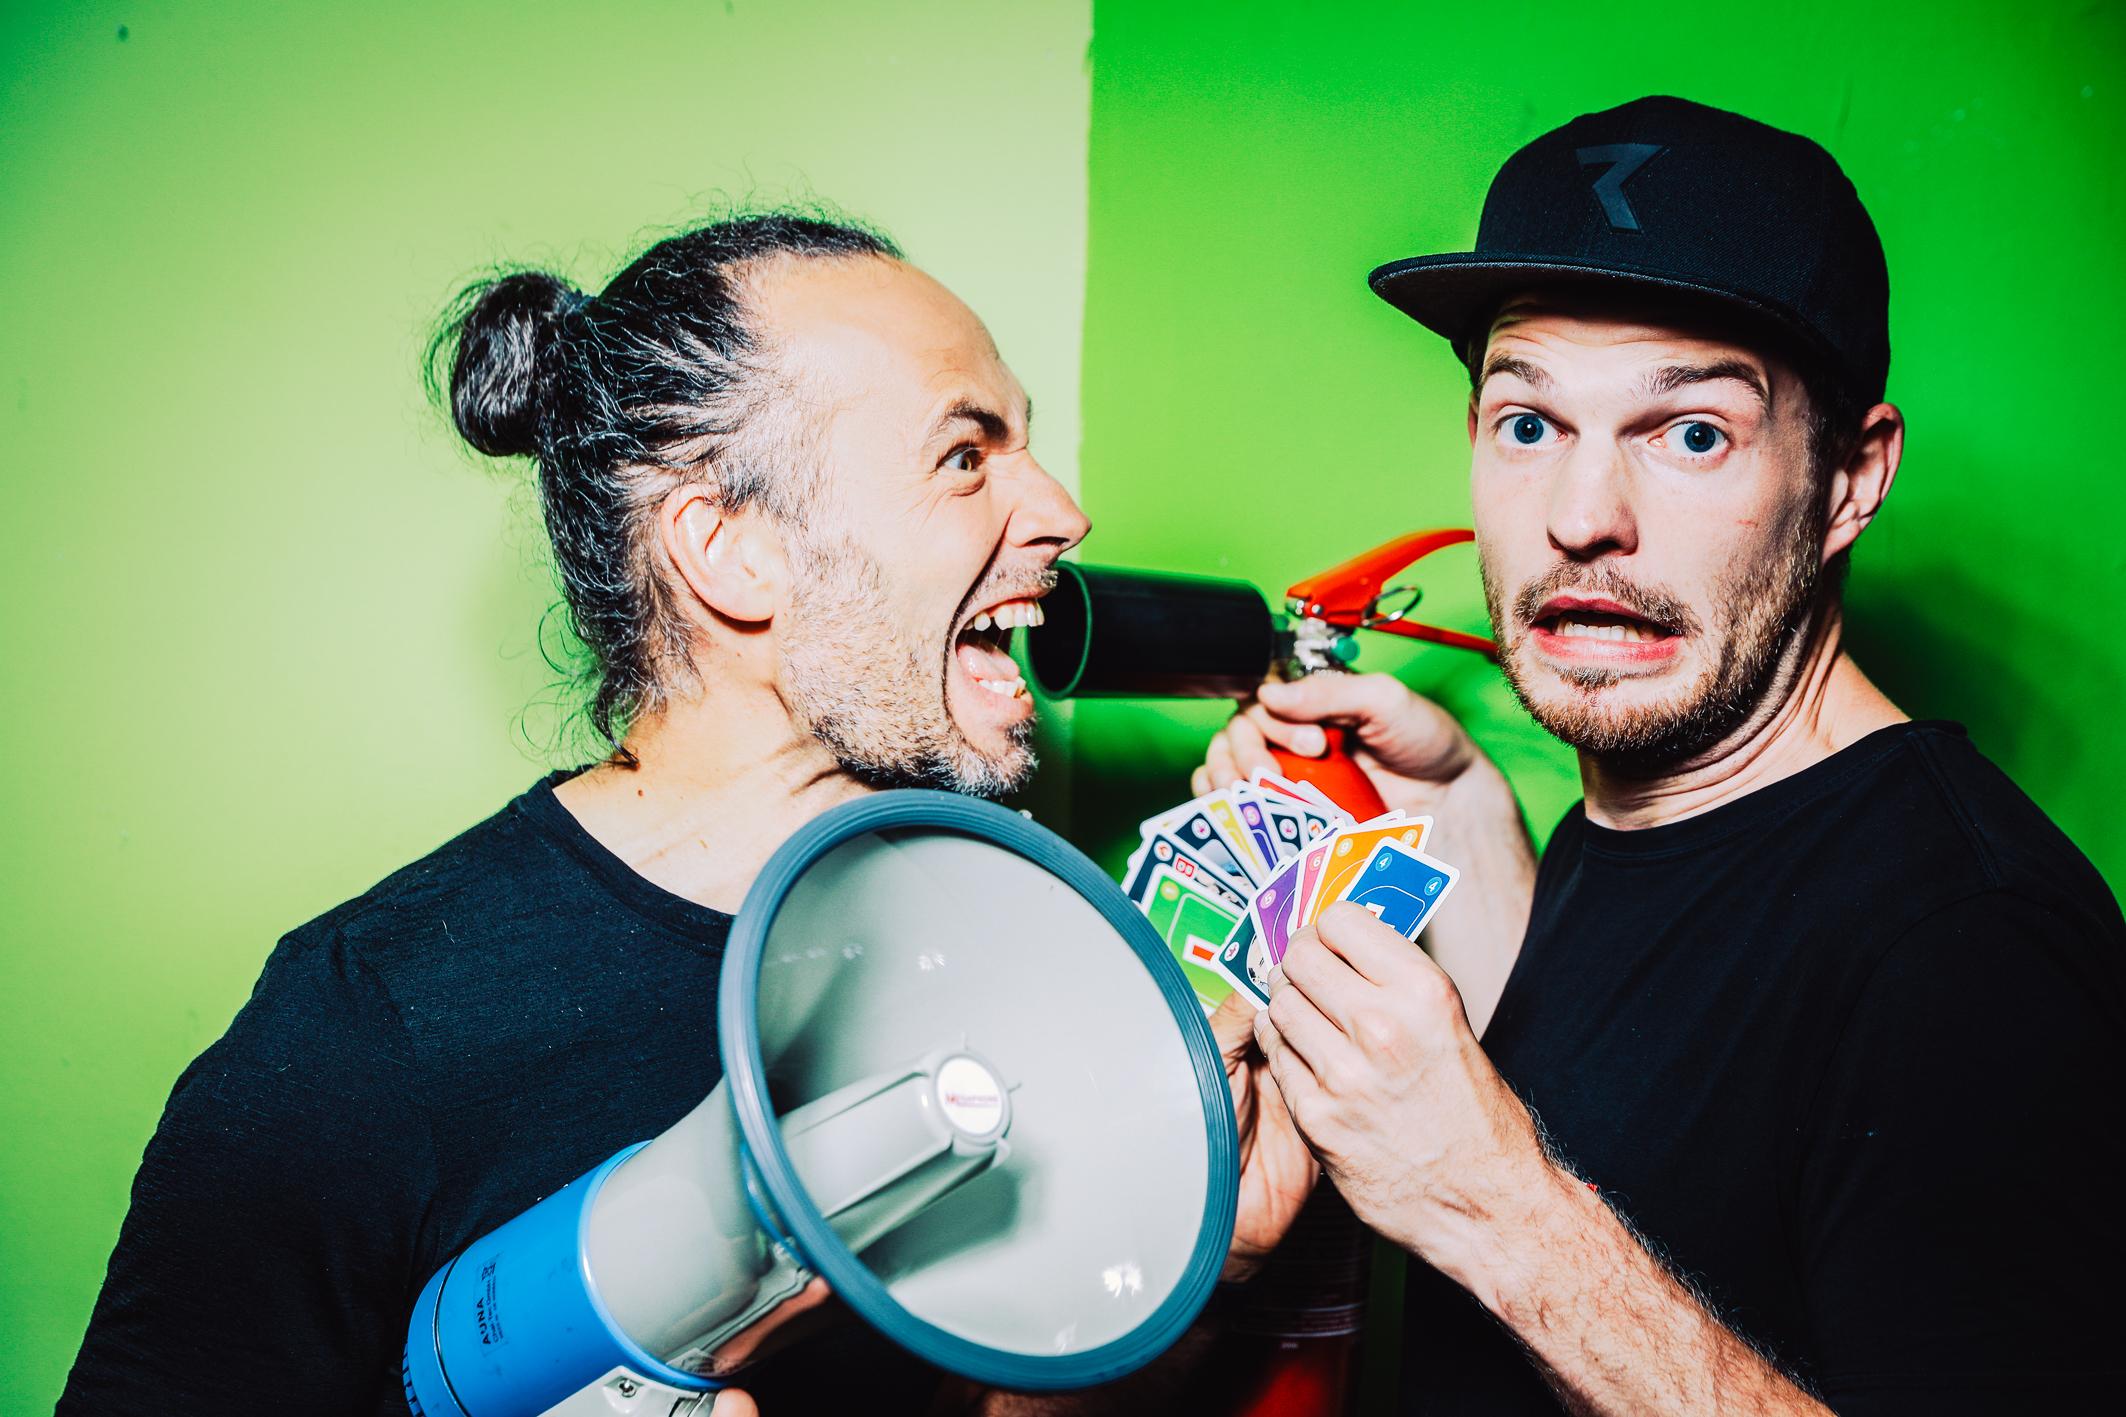 """Eddi Hüneke und Tobi Hebbelmann. Foto: Moritz """"Mumpi"""" Künster. Zum hochauflösenden Download aufs Bild klicken."""